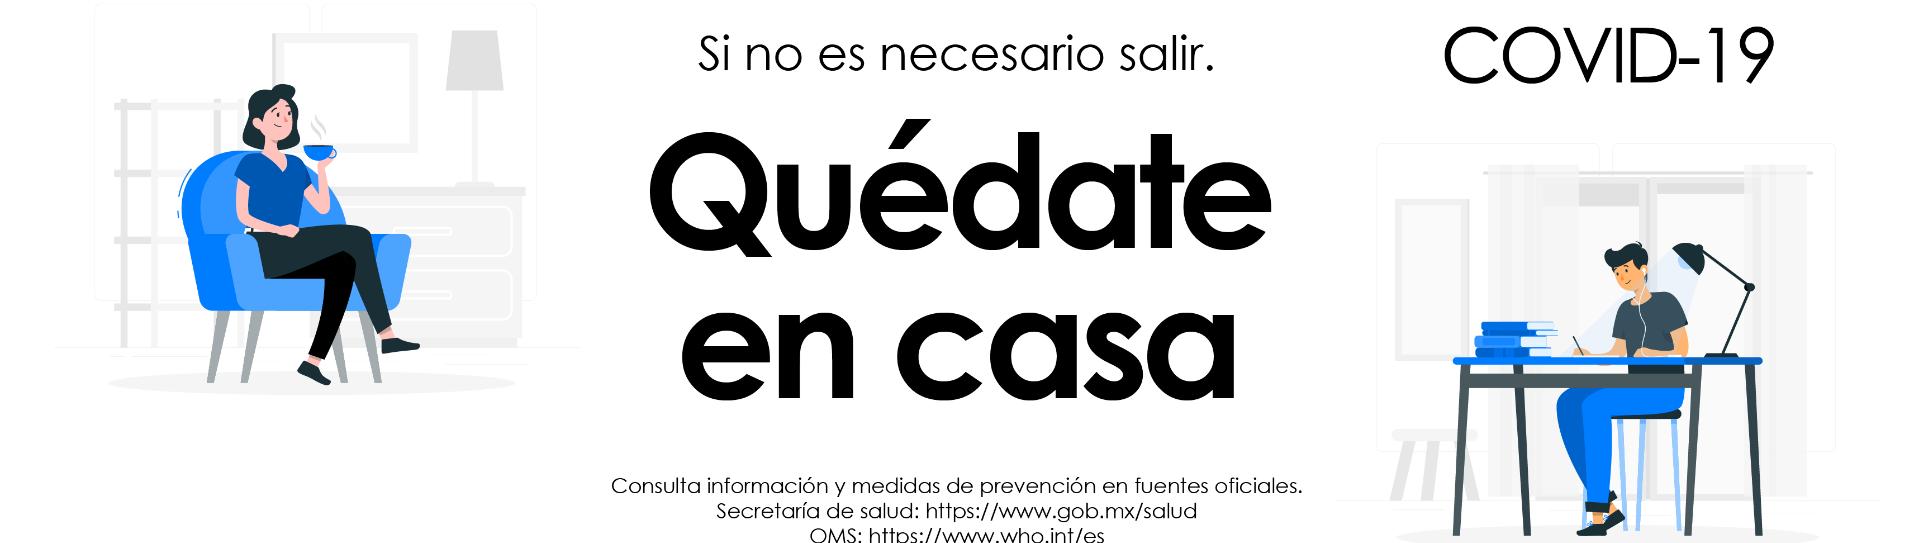 #NoBajesLaGuardia